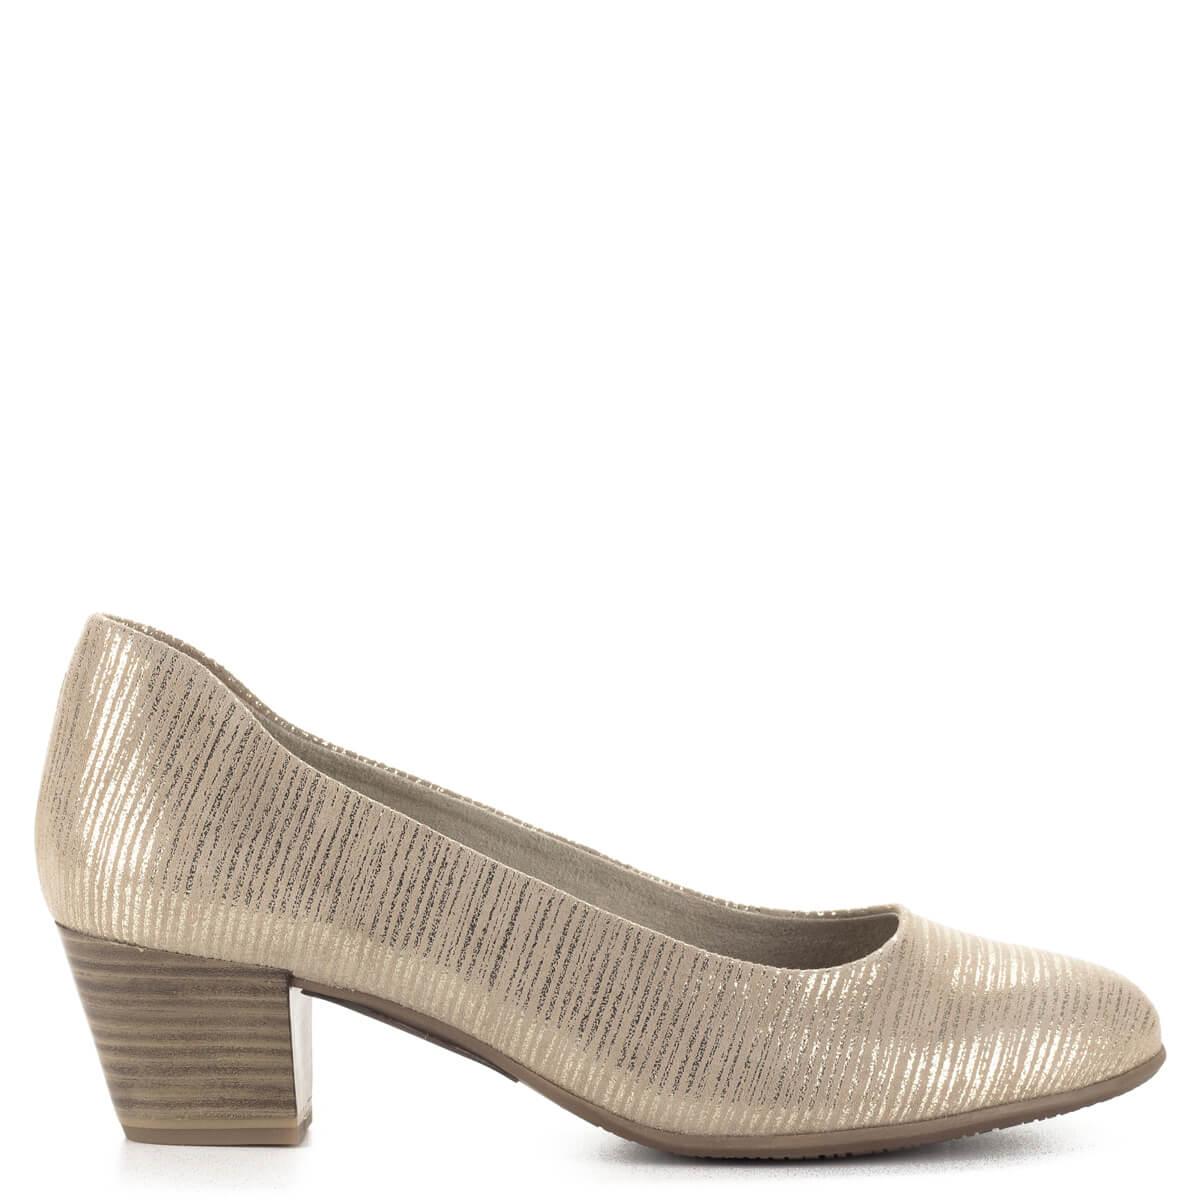 ... Tamaris cipő bézs-arany színben 4 5bc2ec37e8